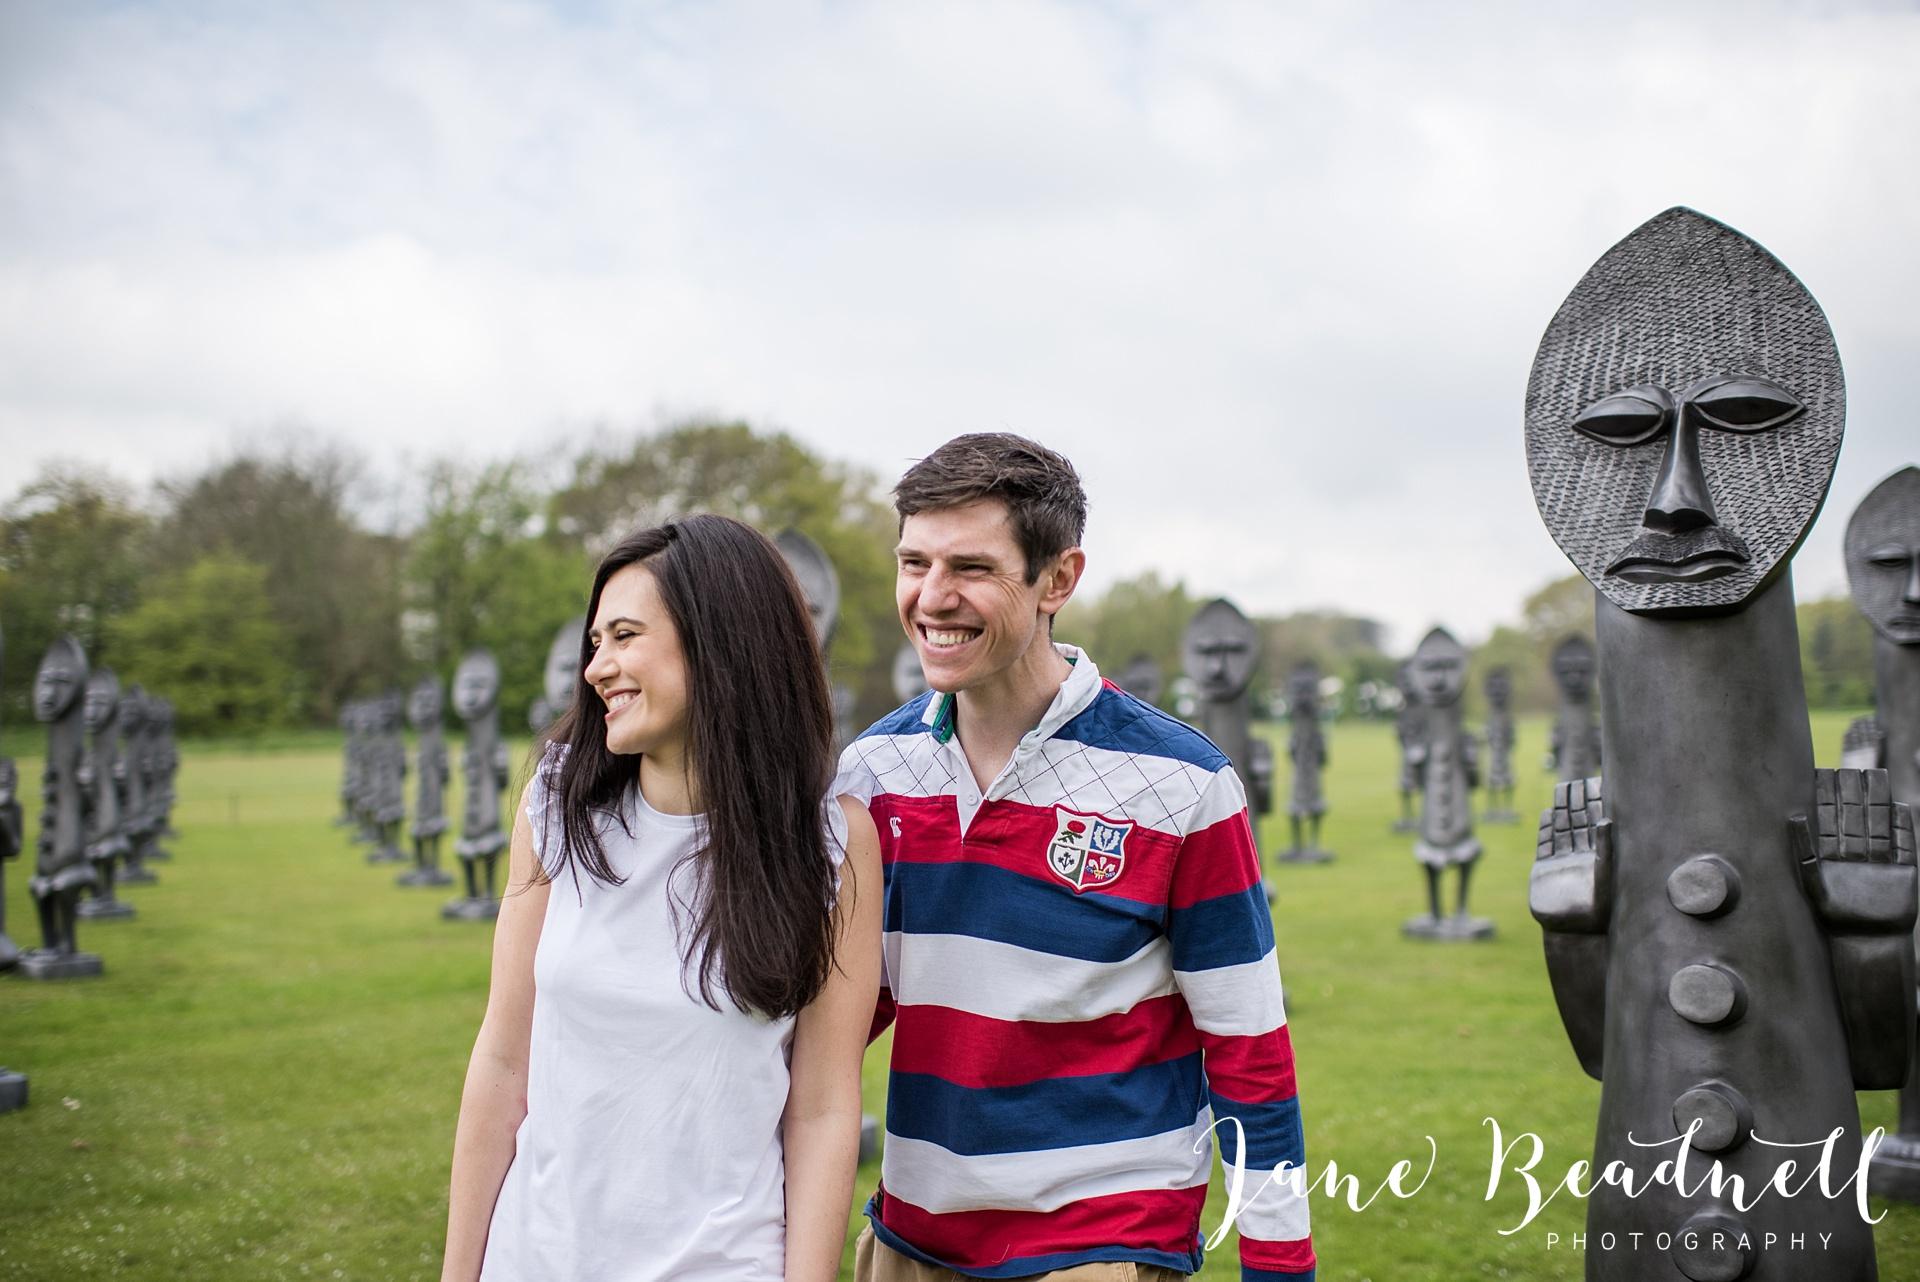 Yorkshire Sculpture Park Engagement Shoot Leeds wedding photographer Jane Beadnell_0036